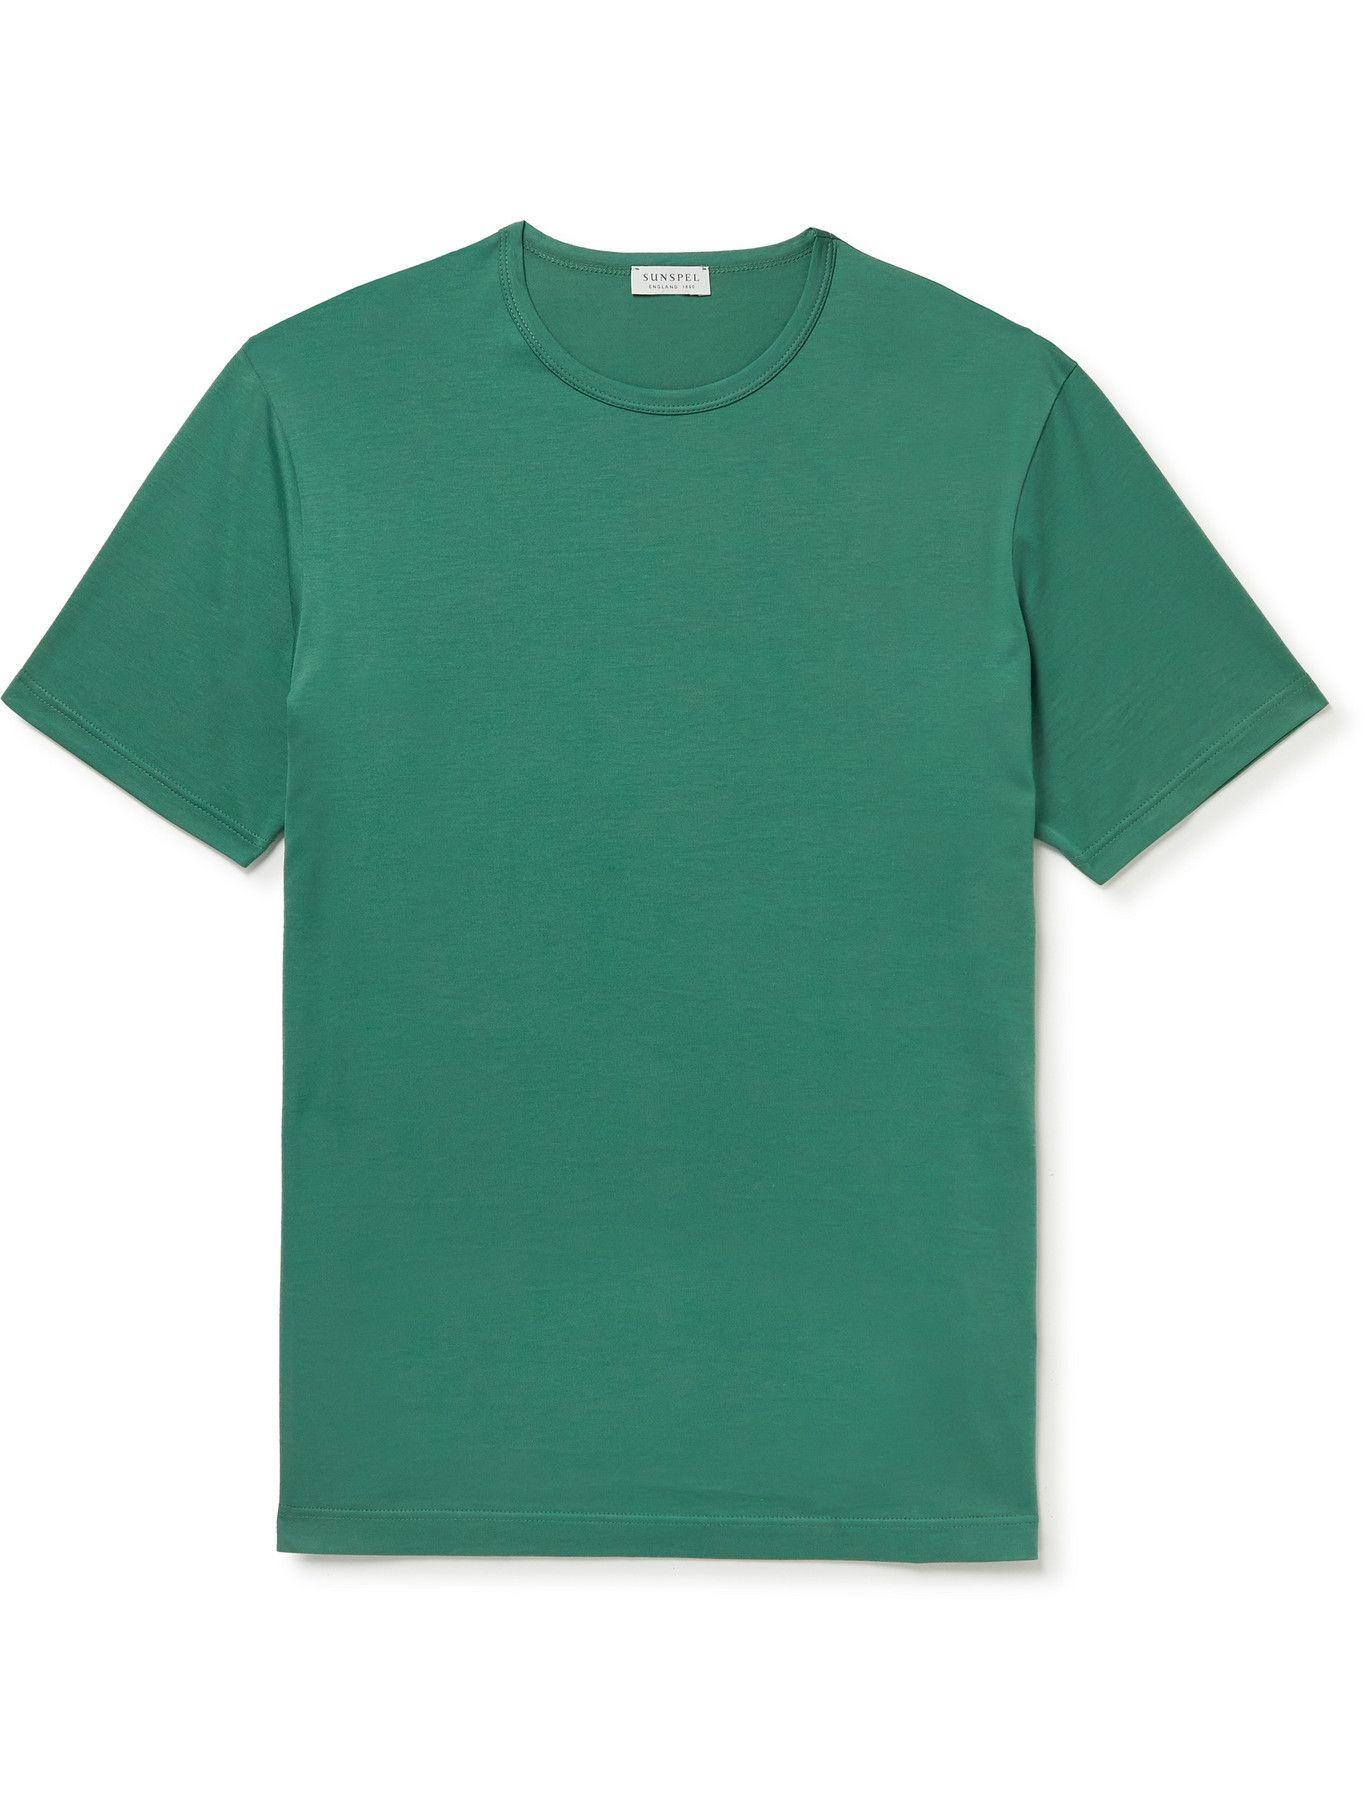 Photo: Sunspel - Cotton-Jersey T-Shirt - Green